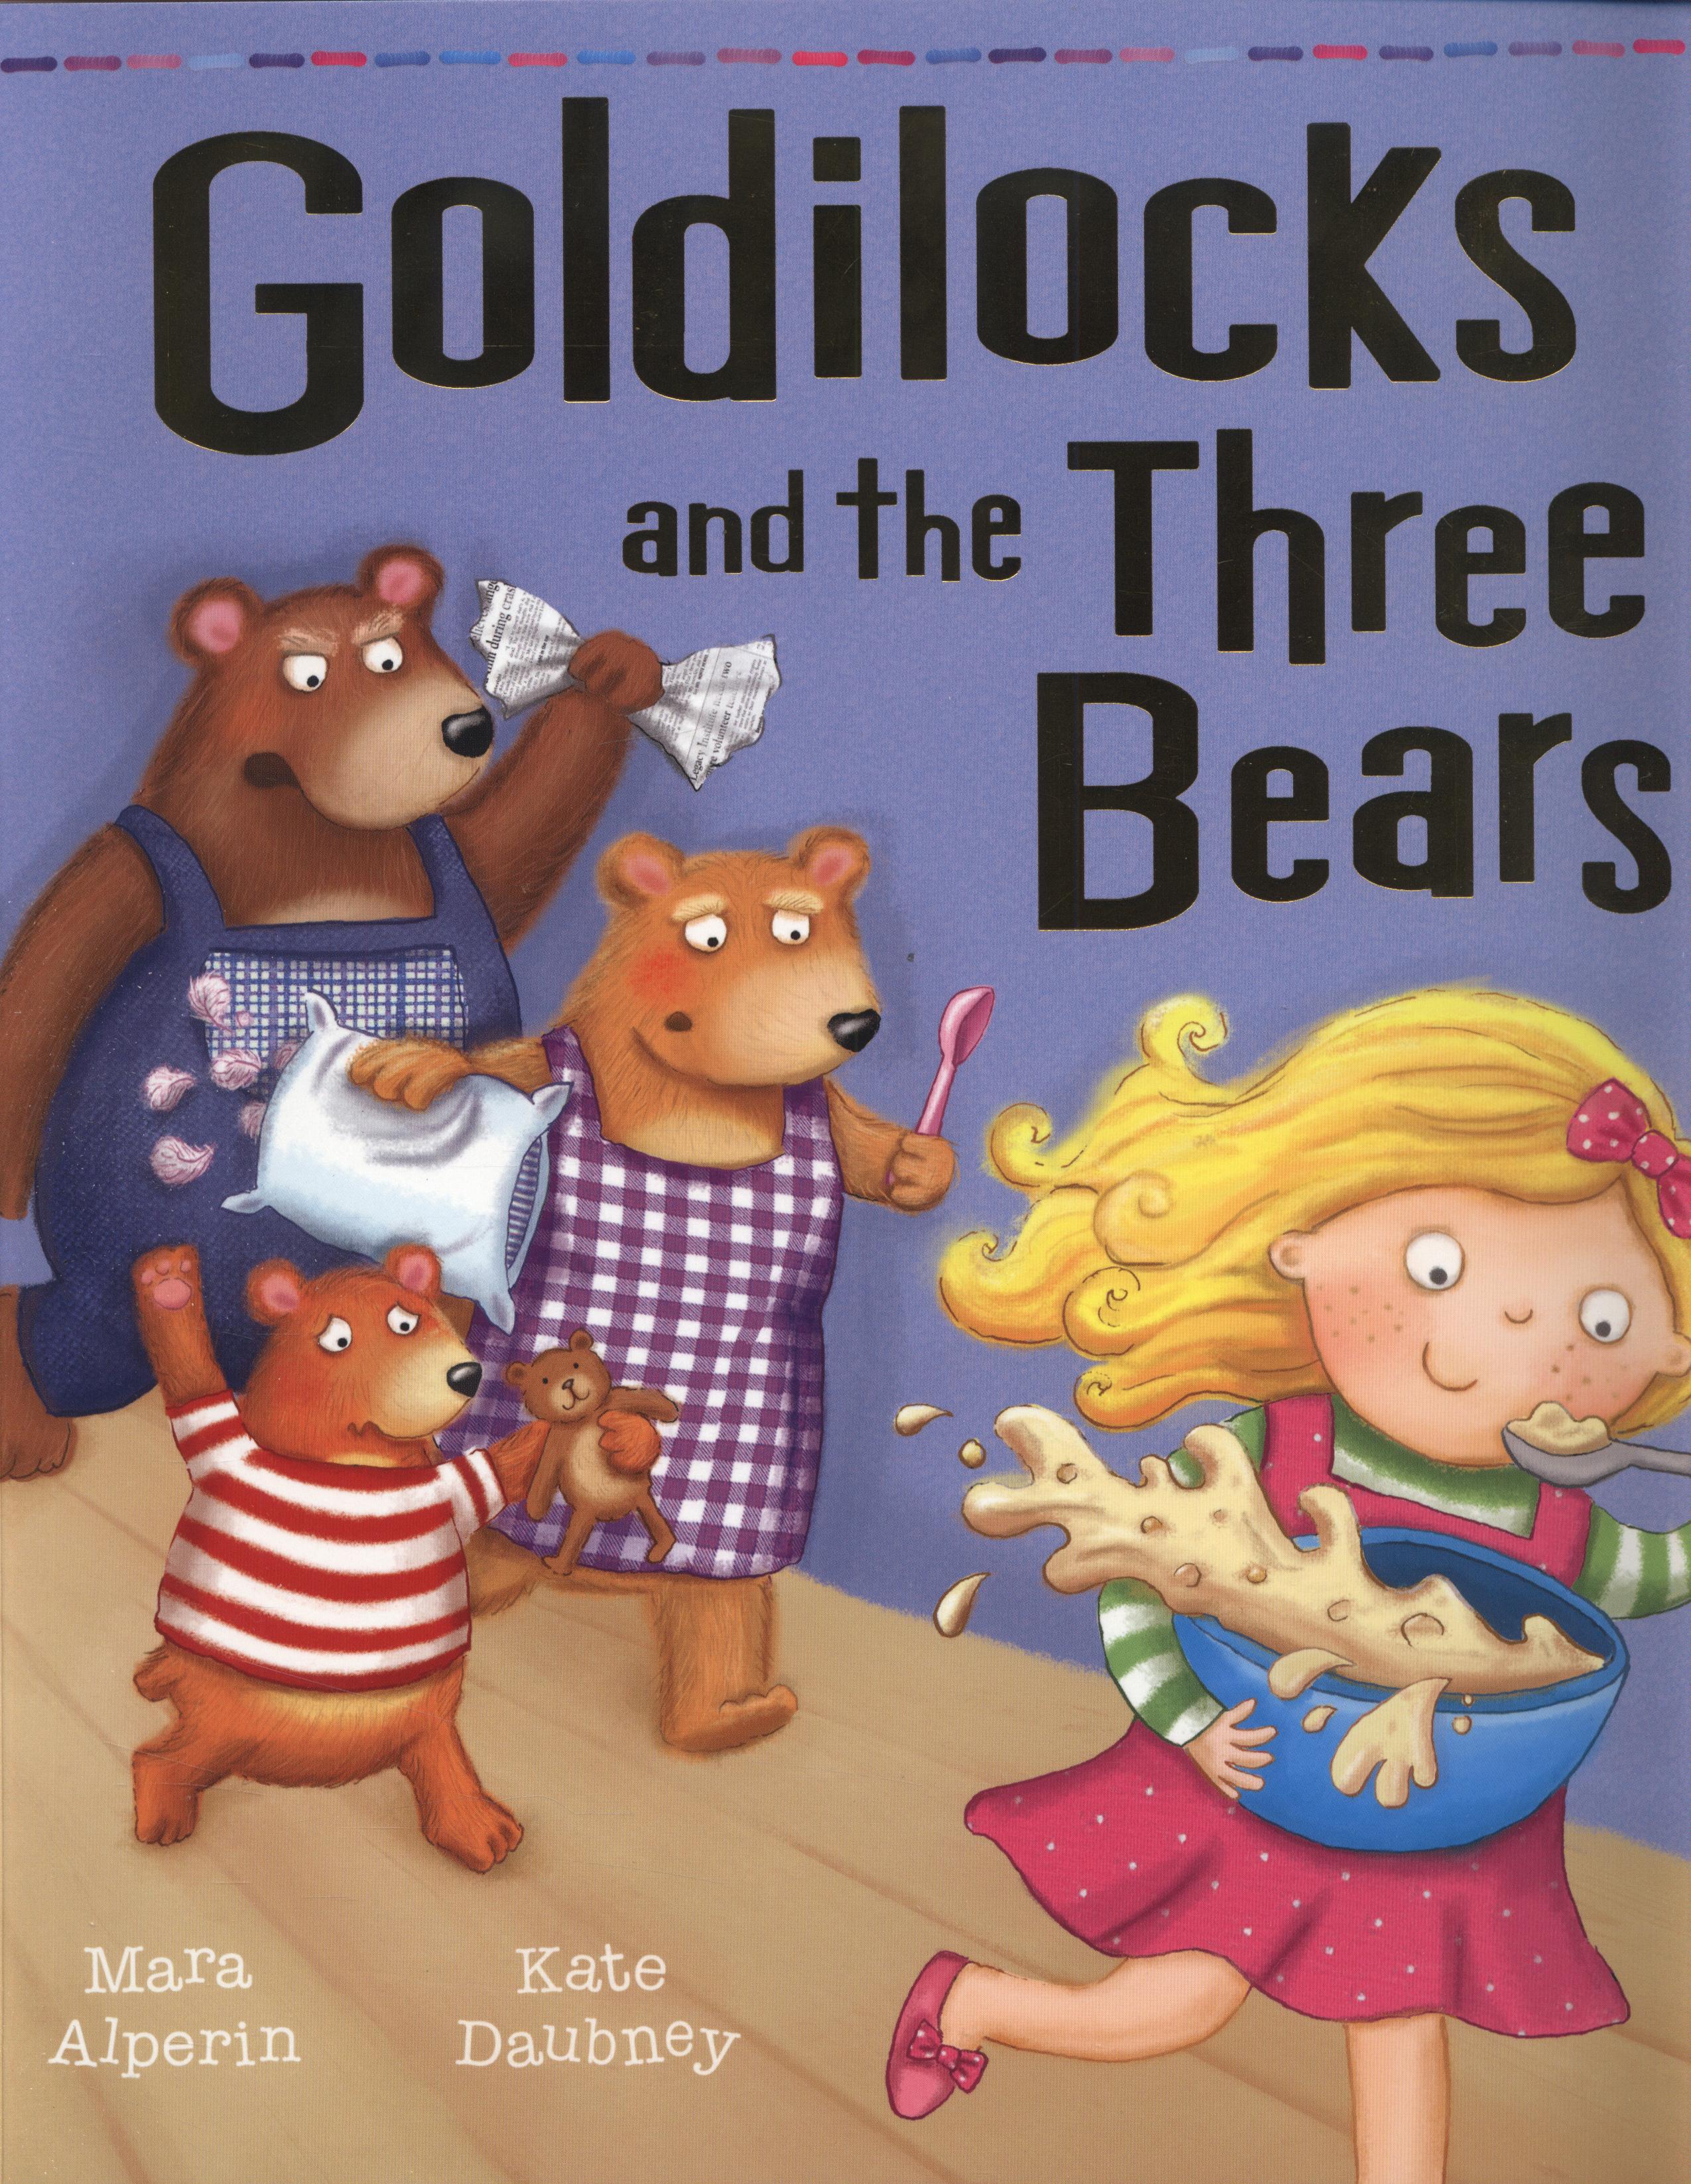 Goldilocks And The Three Bears By Alperin Mara